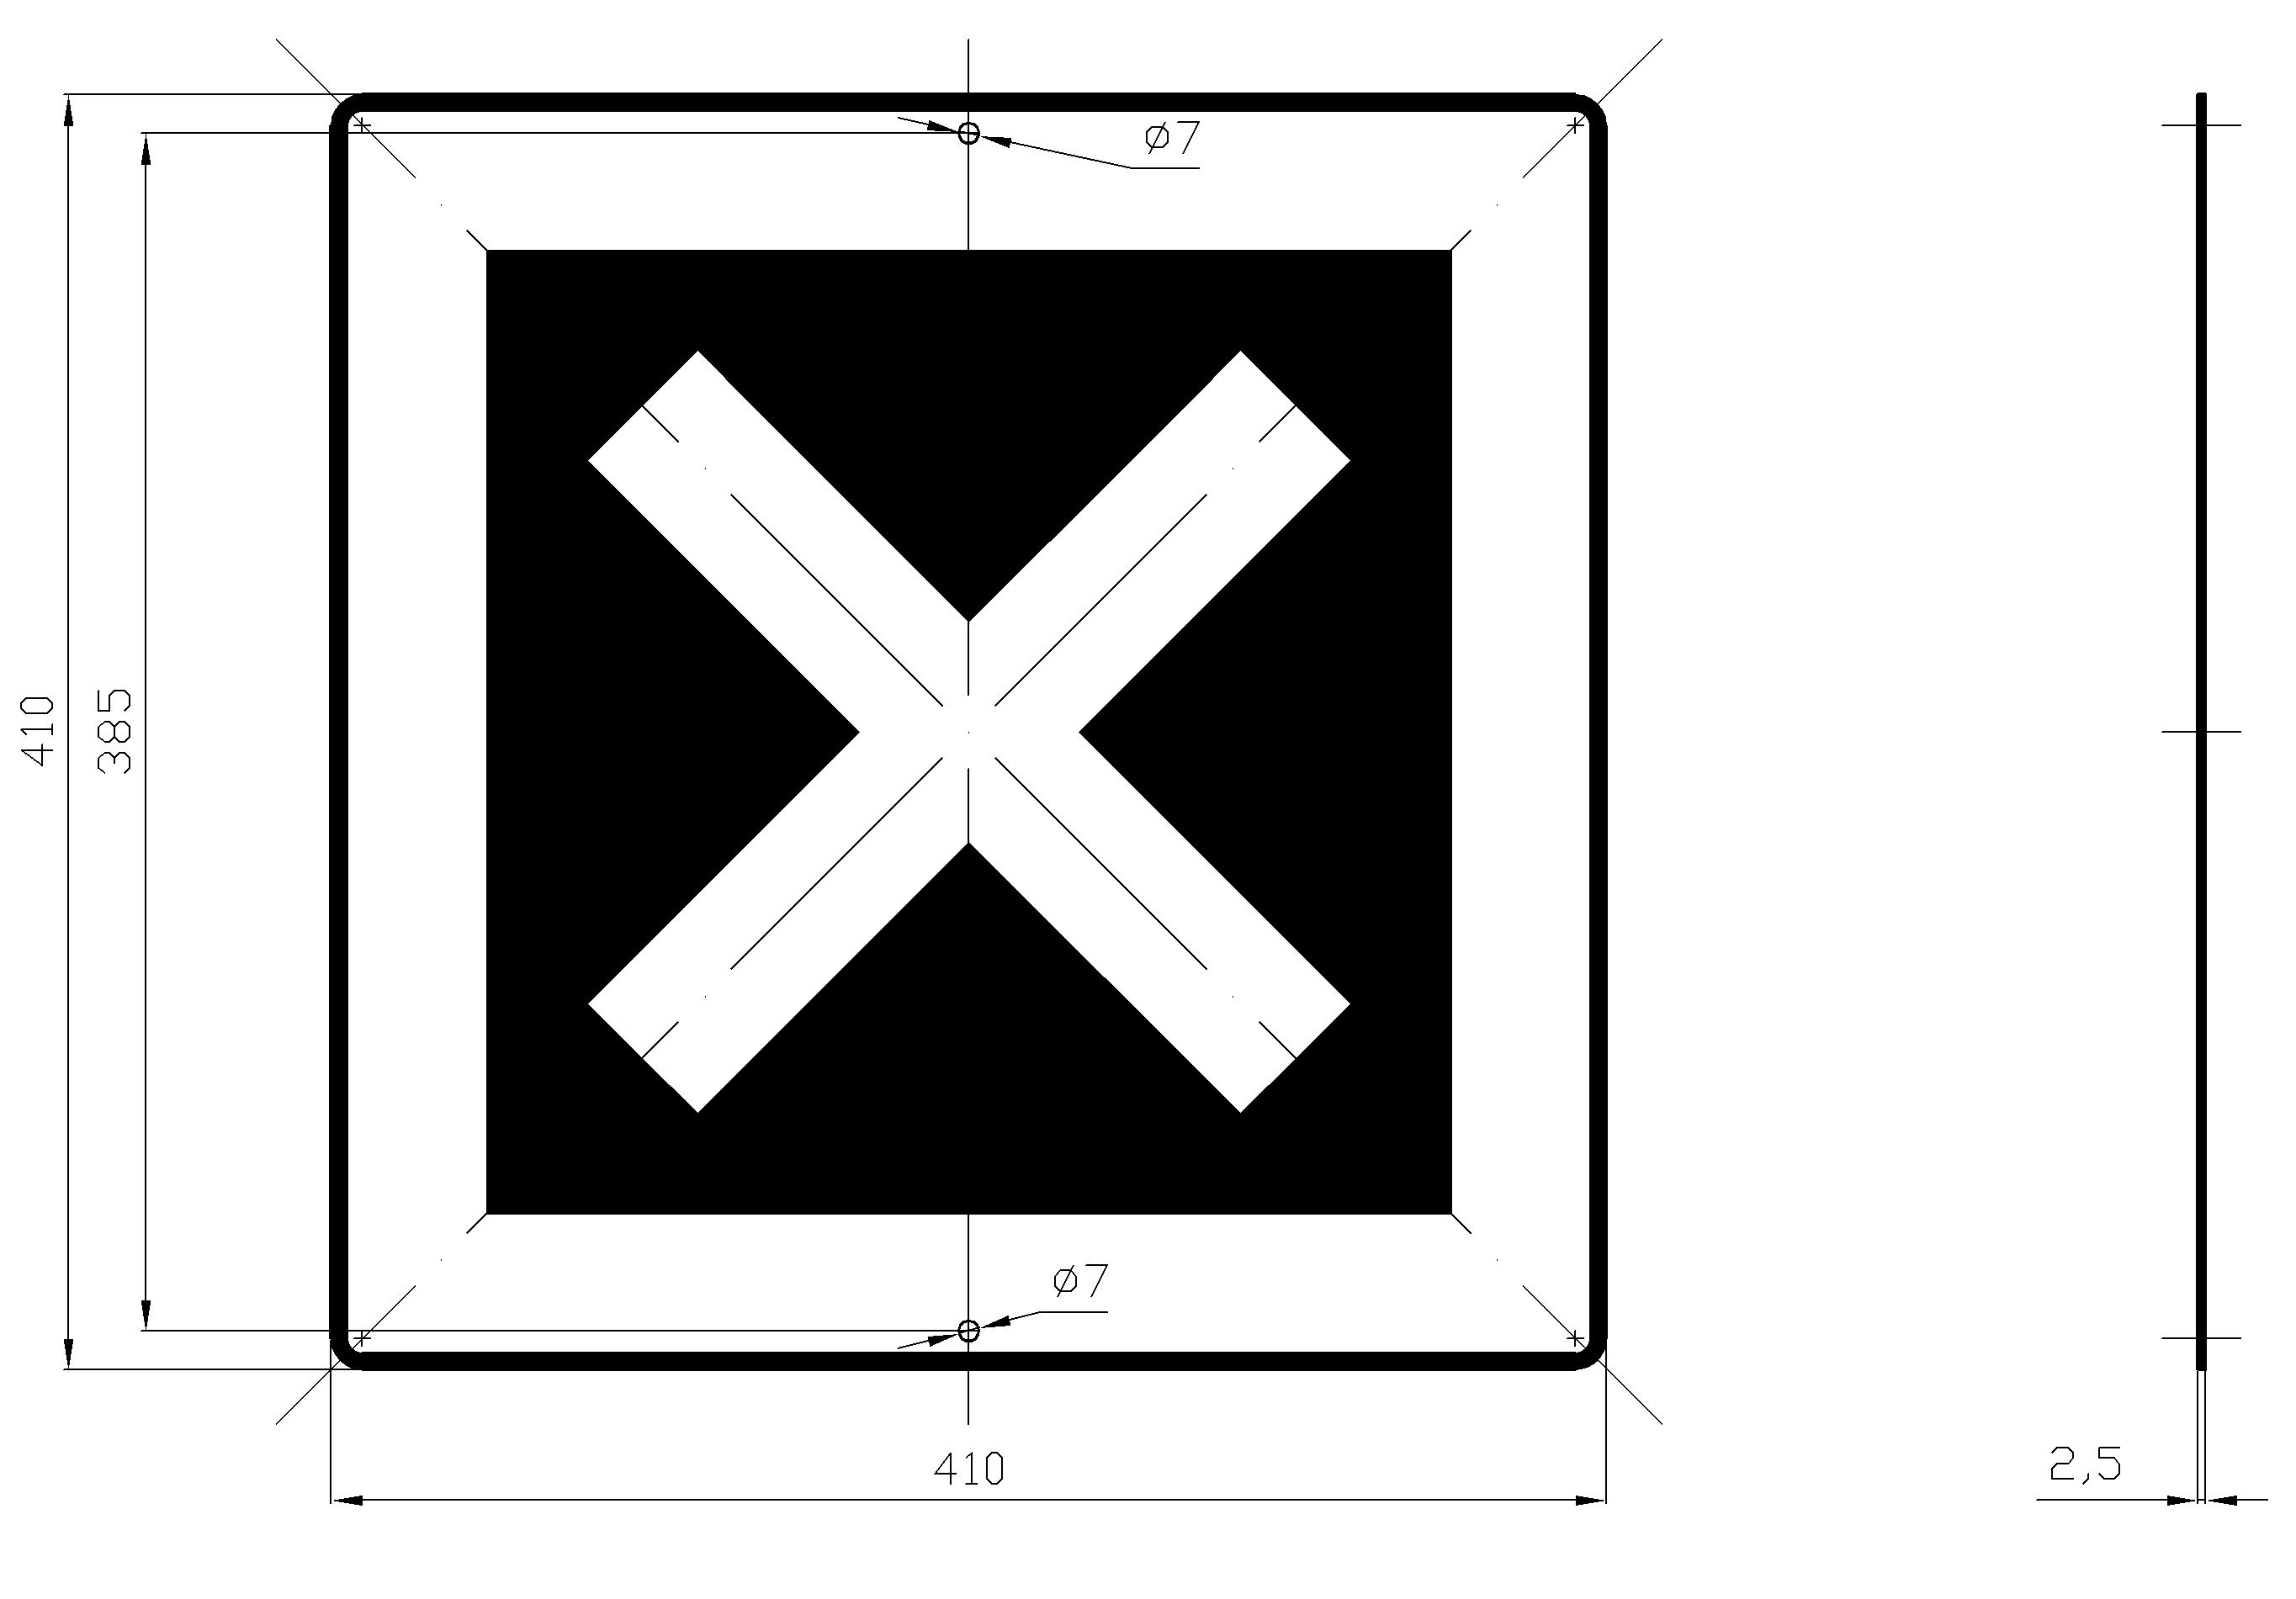 Рисунок 21. Перенос границы блок-участка